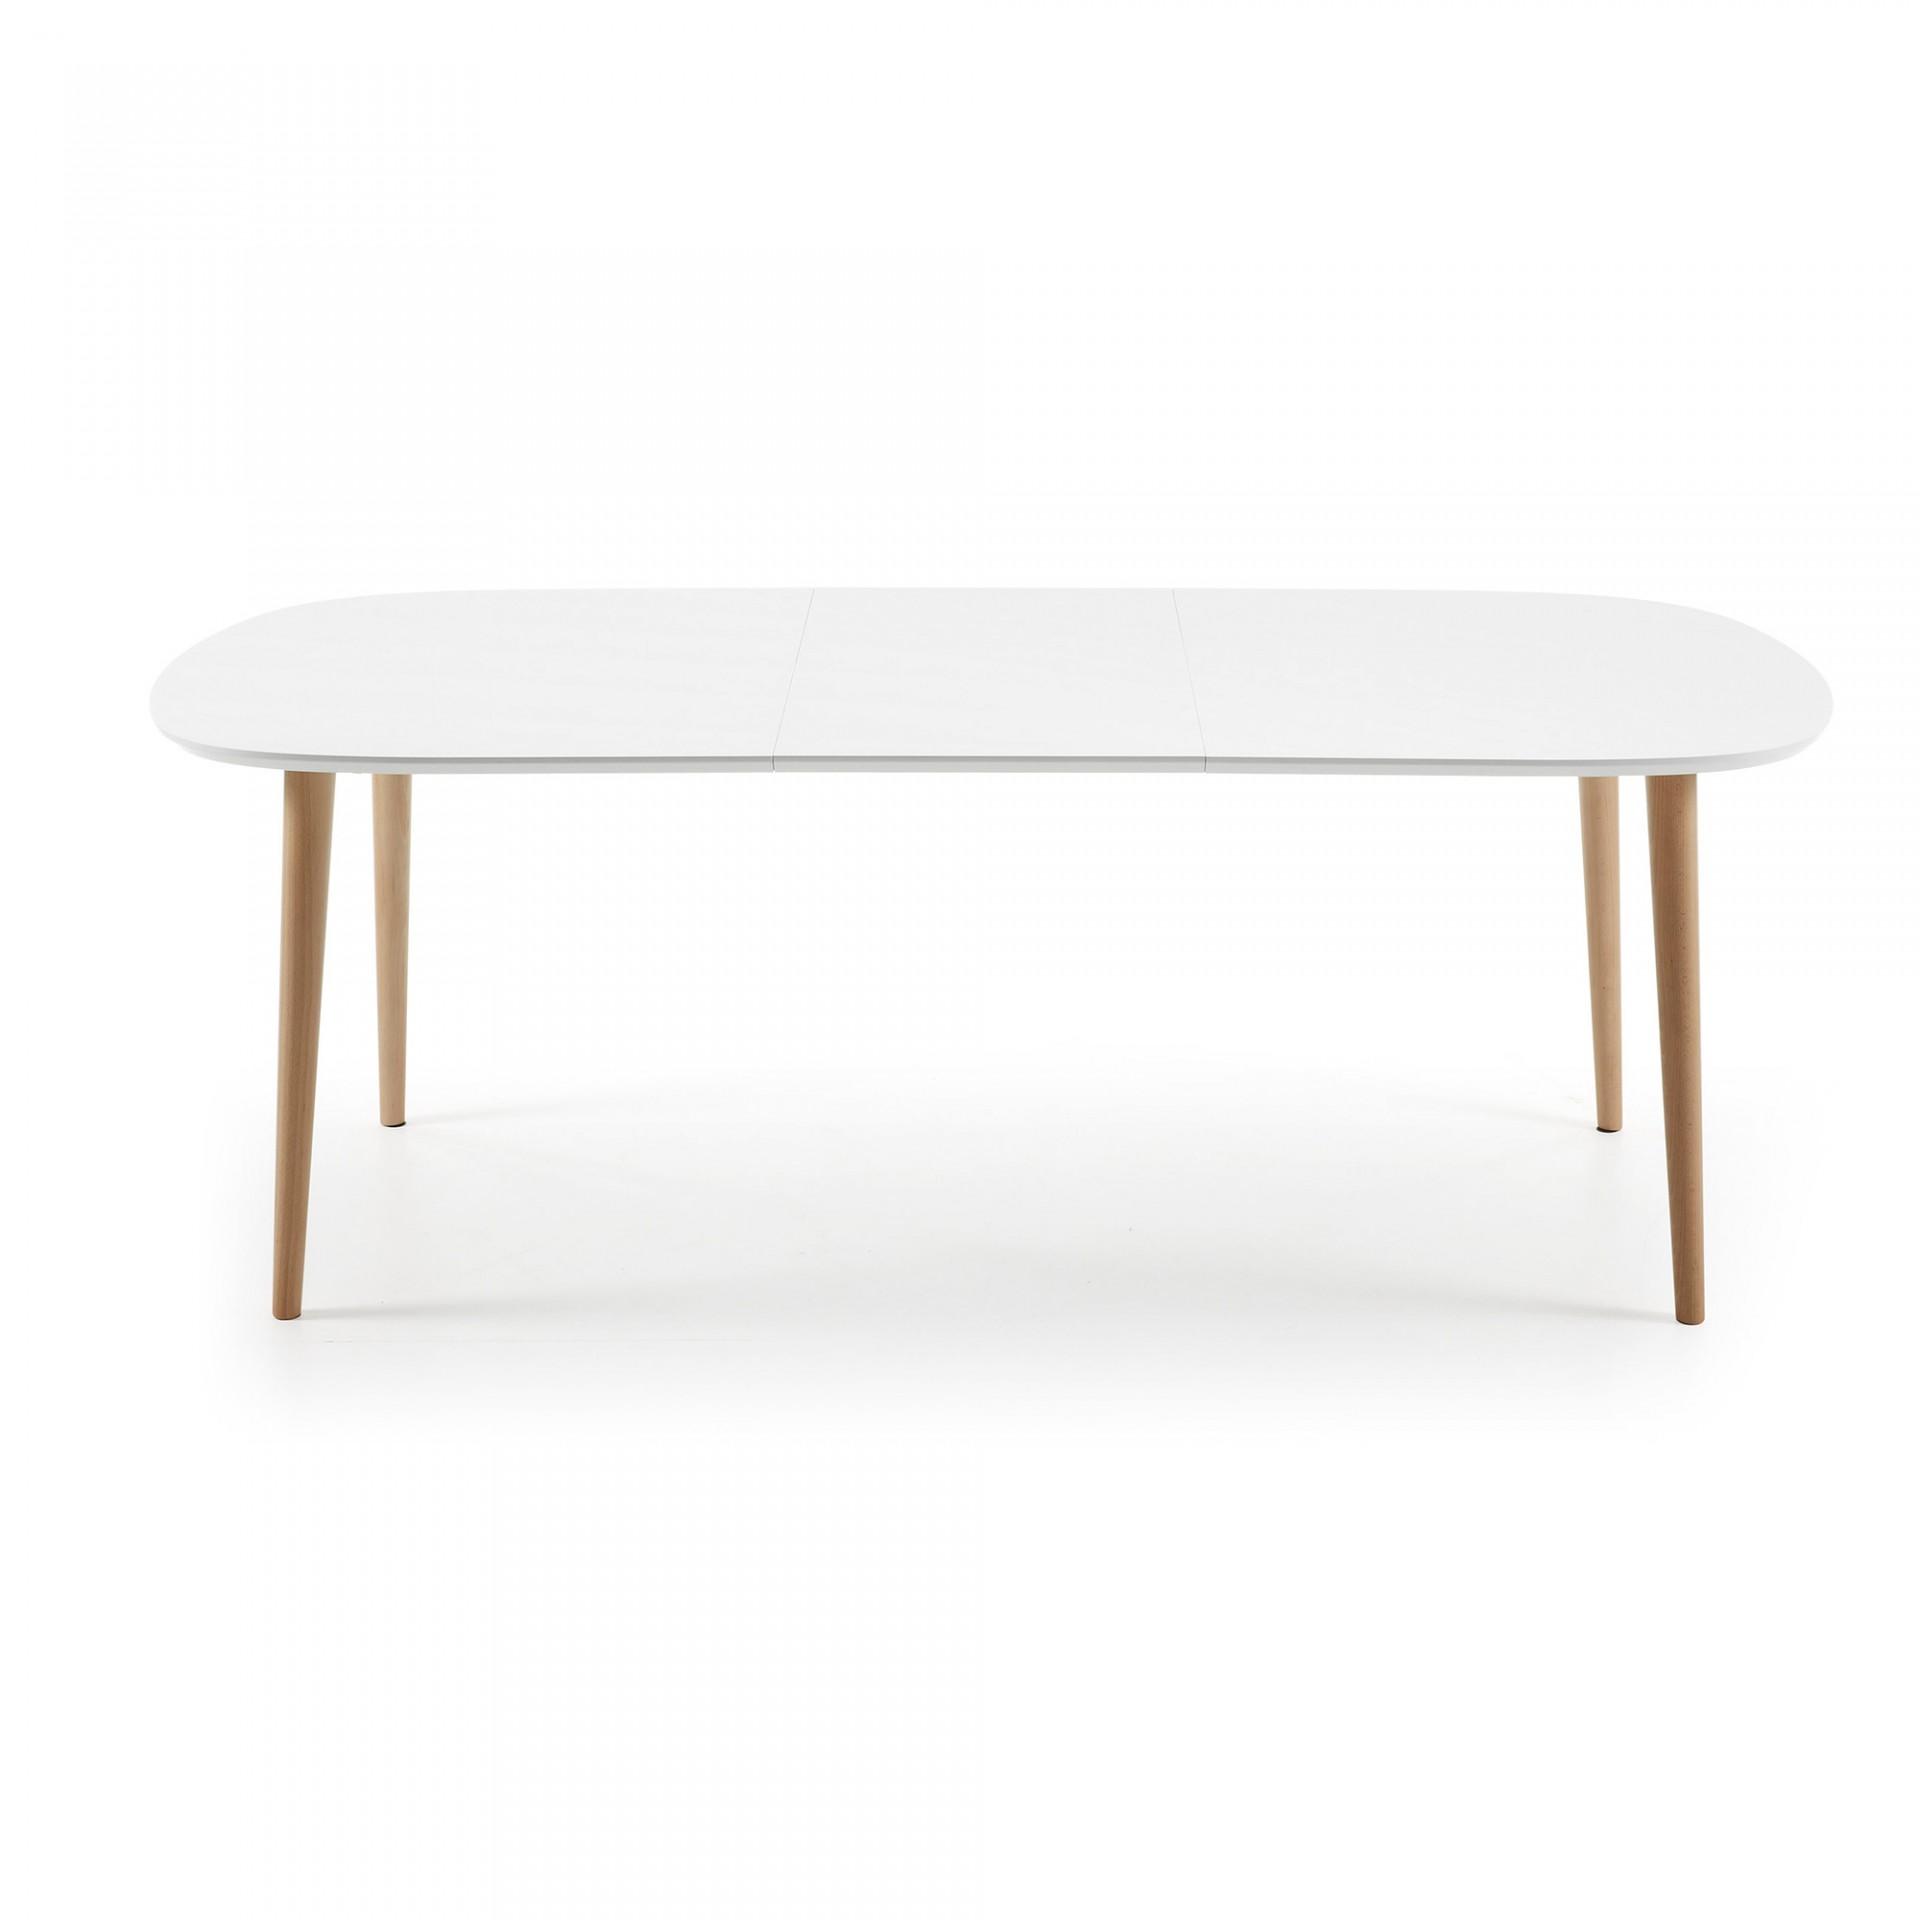 Mesa extensível Oki, oval, madeira faia/MDF lacado